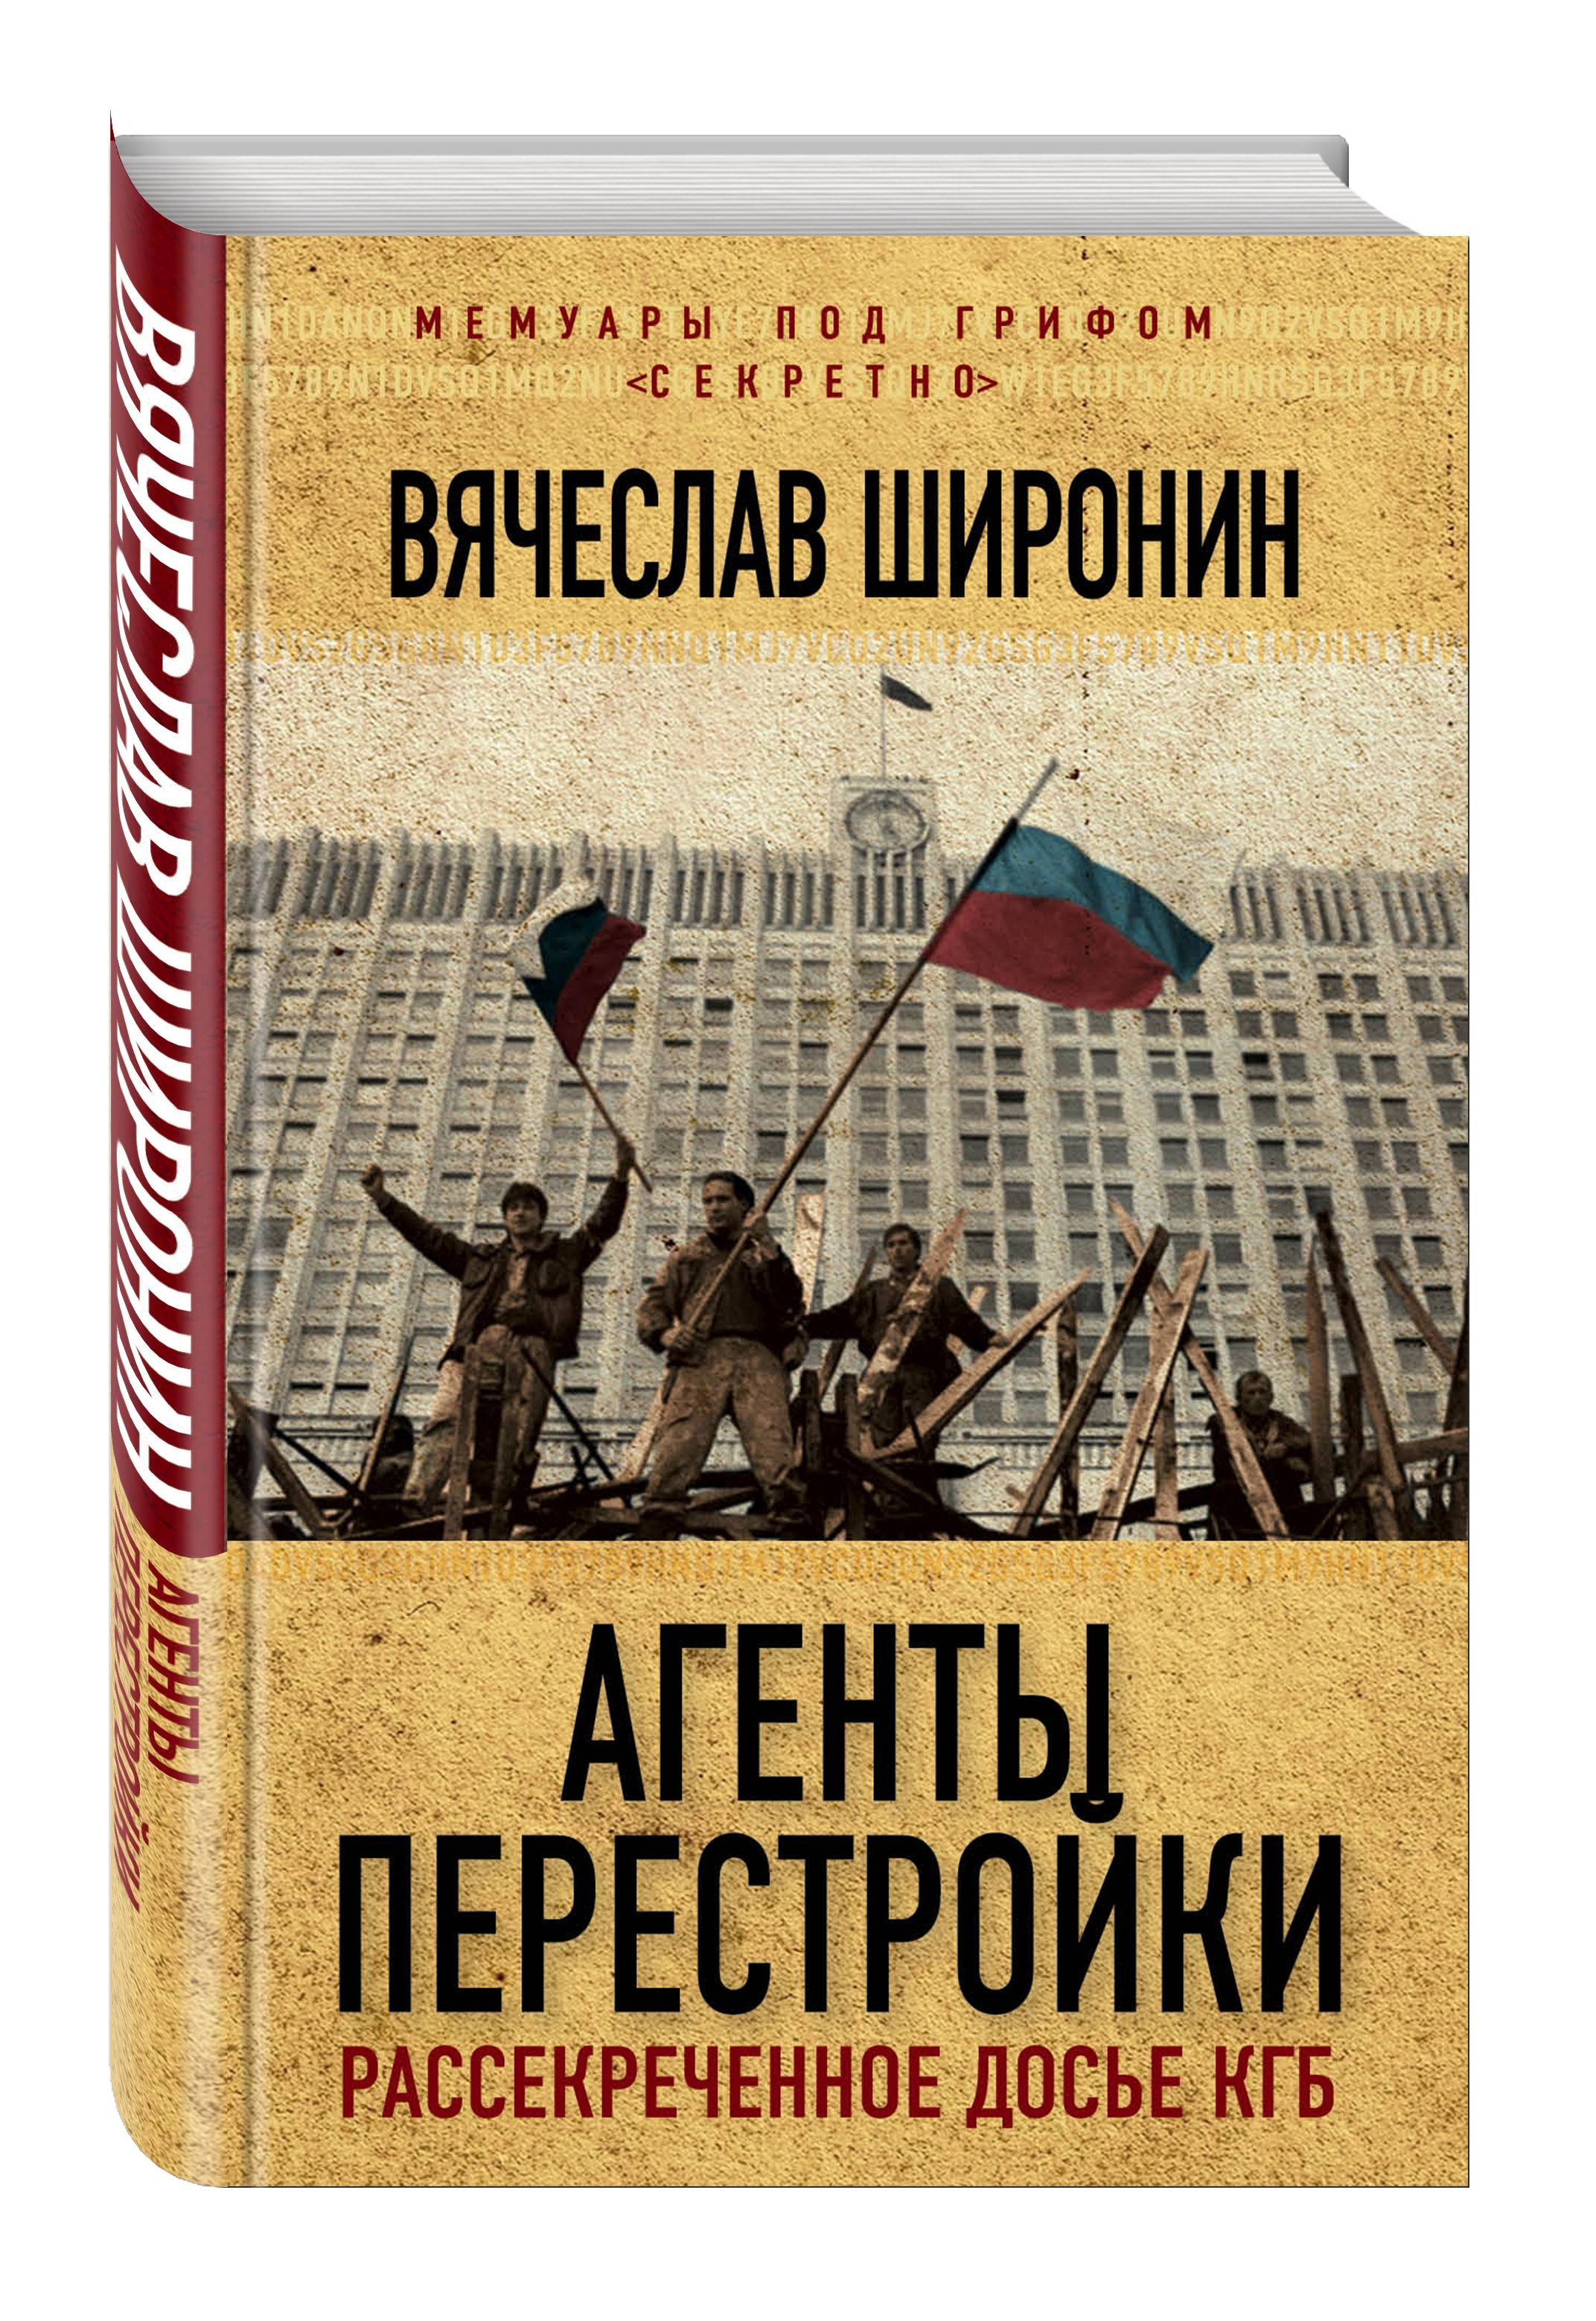 Агенты перестройки. Рассекреченное досье КГБ